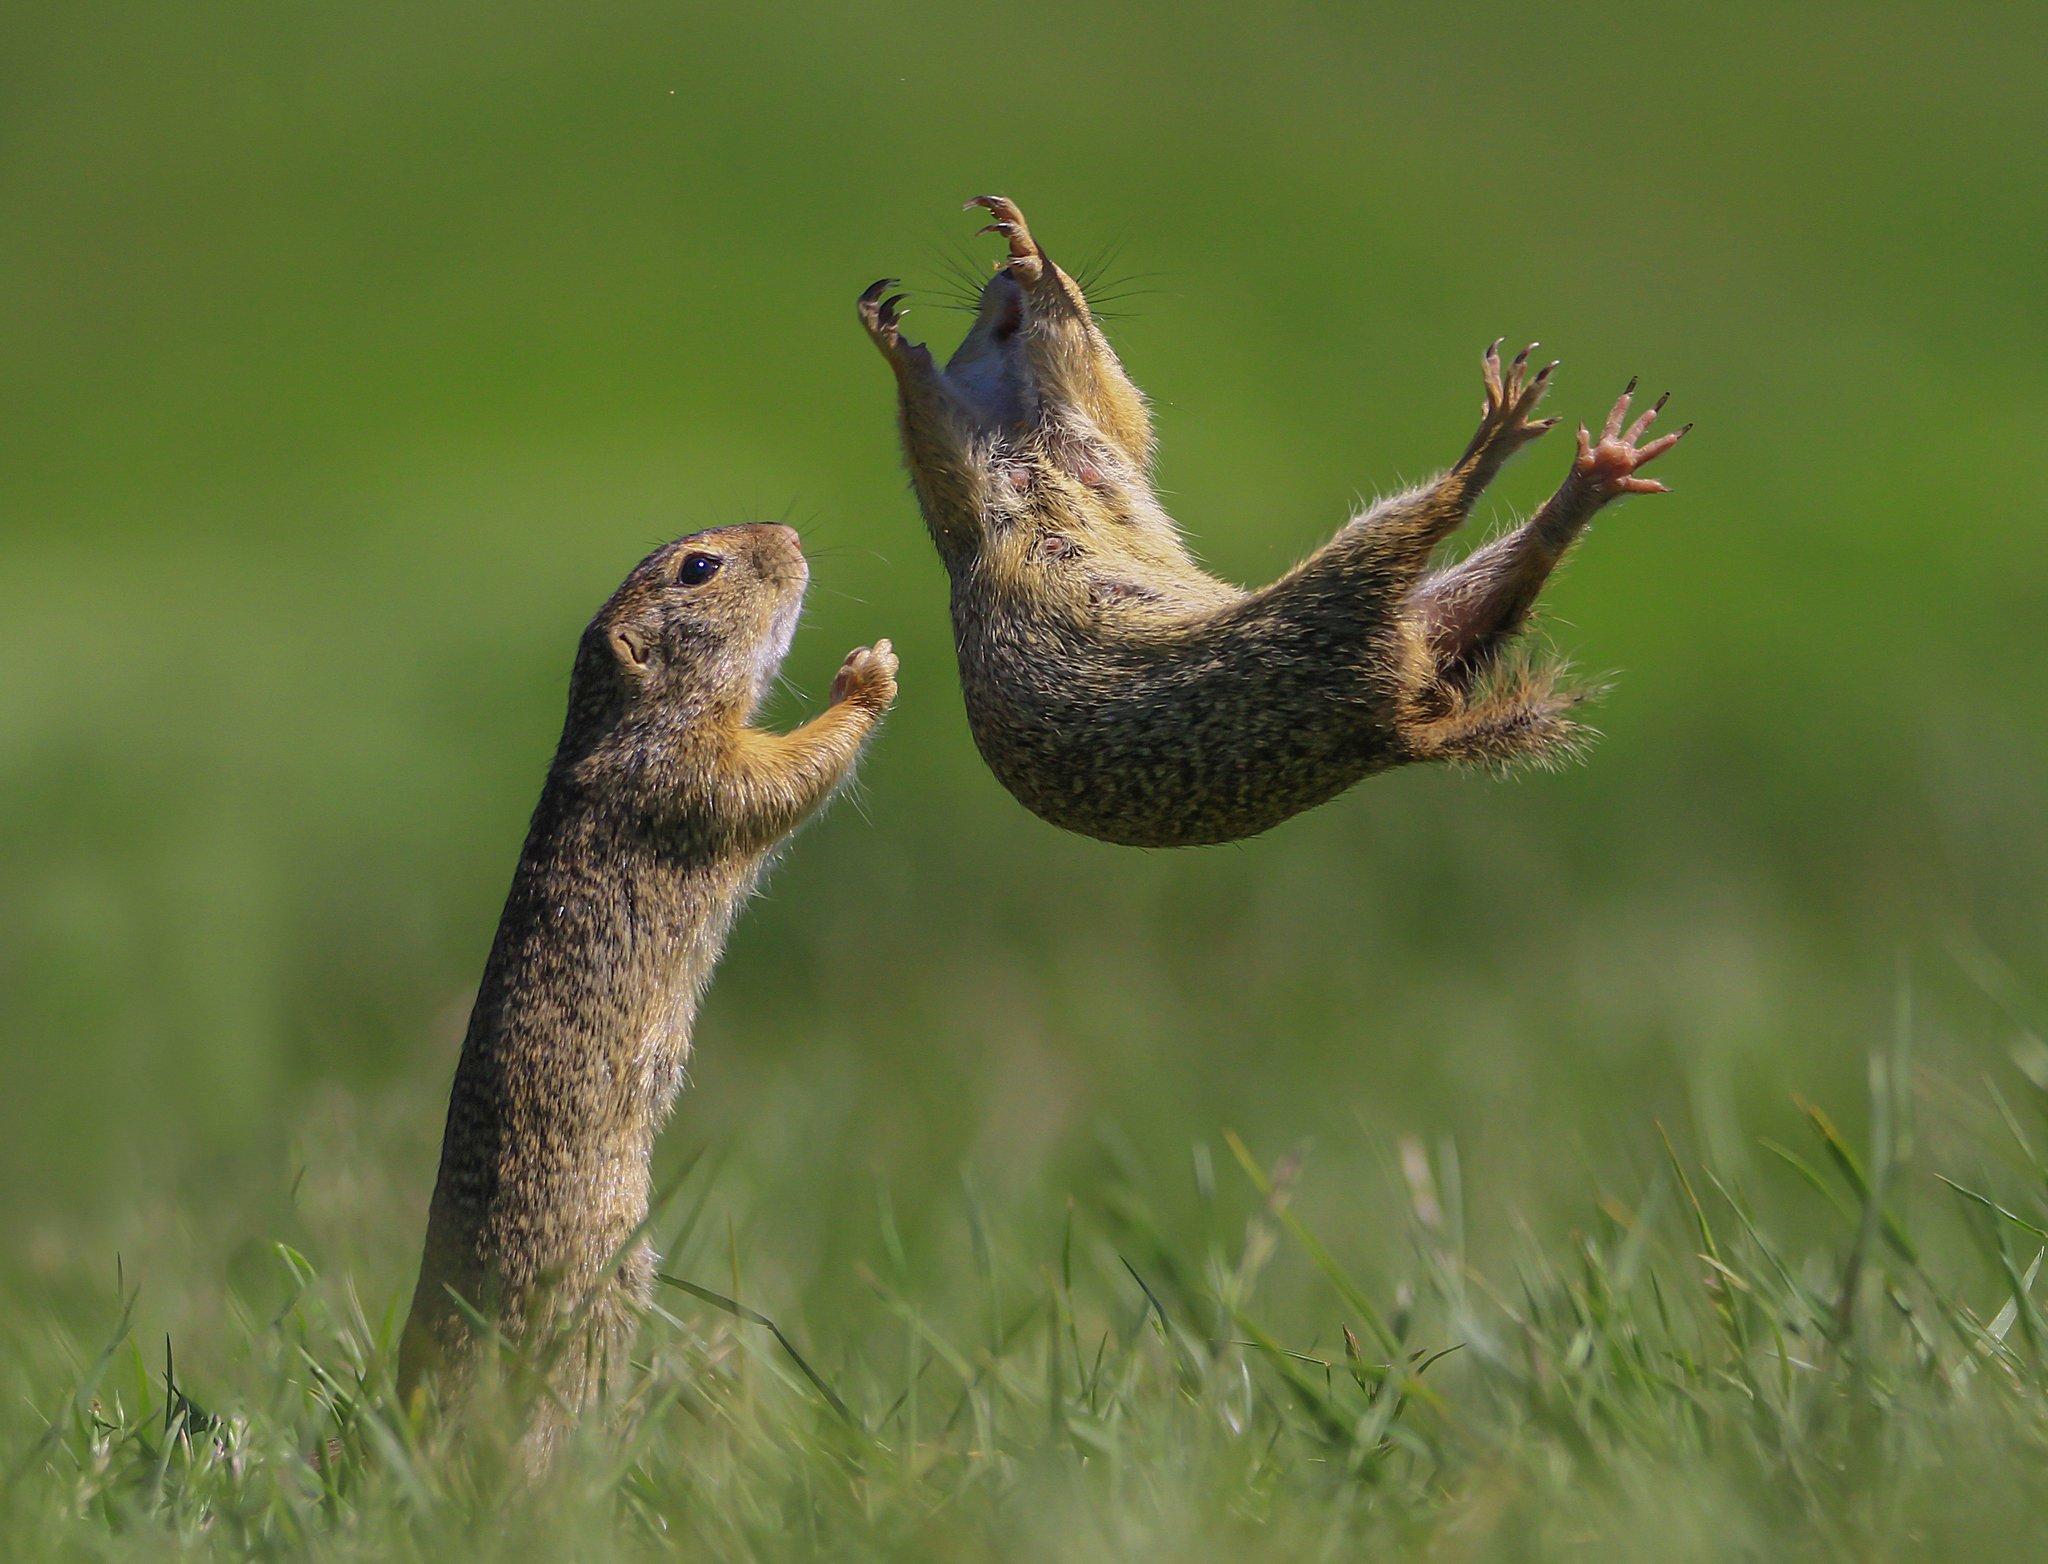 헝가리에서 포착된 얼룩다람쥐의 추락. 옆에선 기도하며 지켜보고 있다. [©Roland Kranitz /Comedywildlifephoto.com]